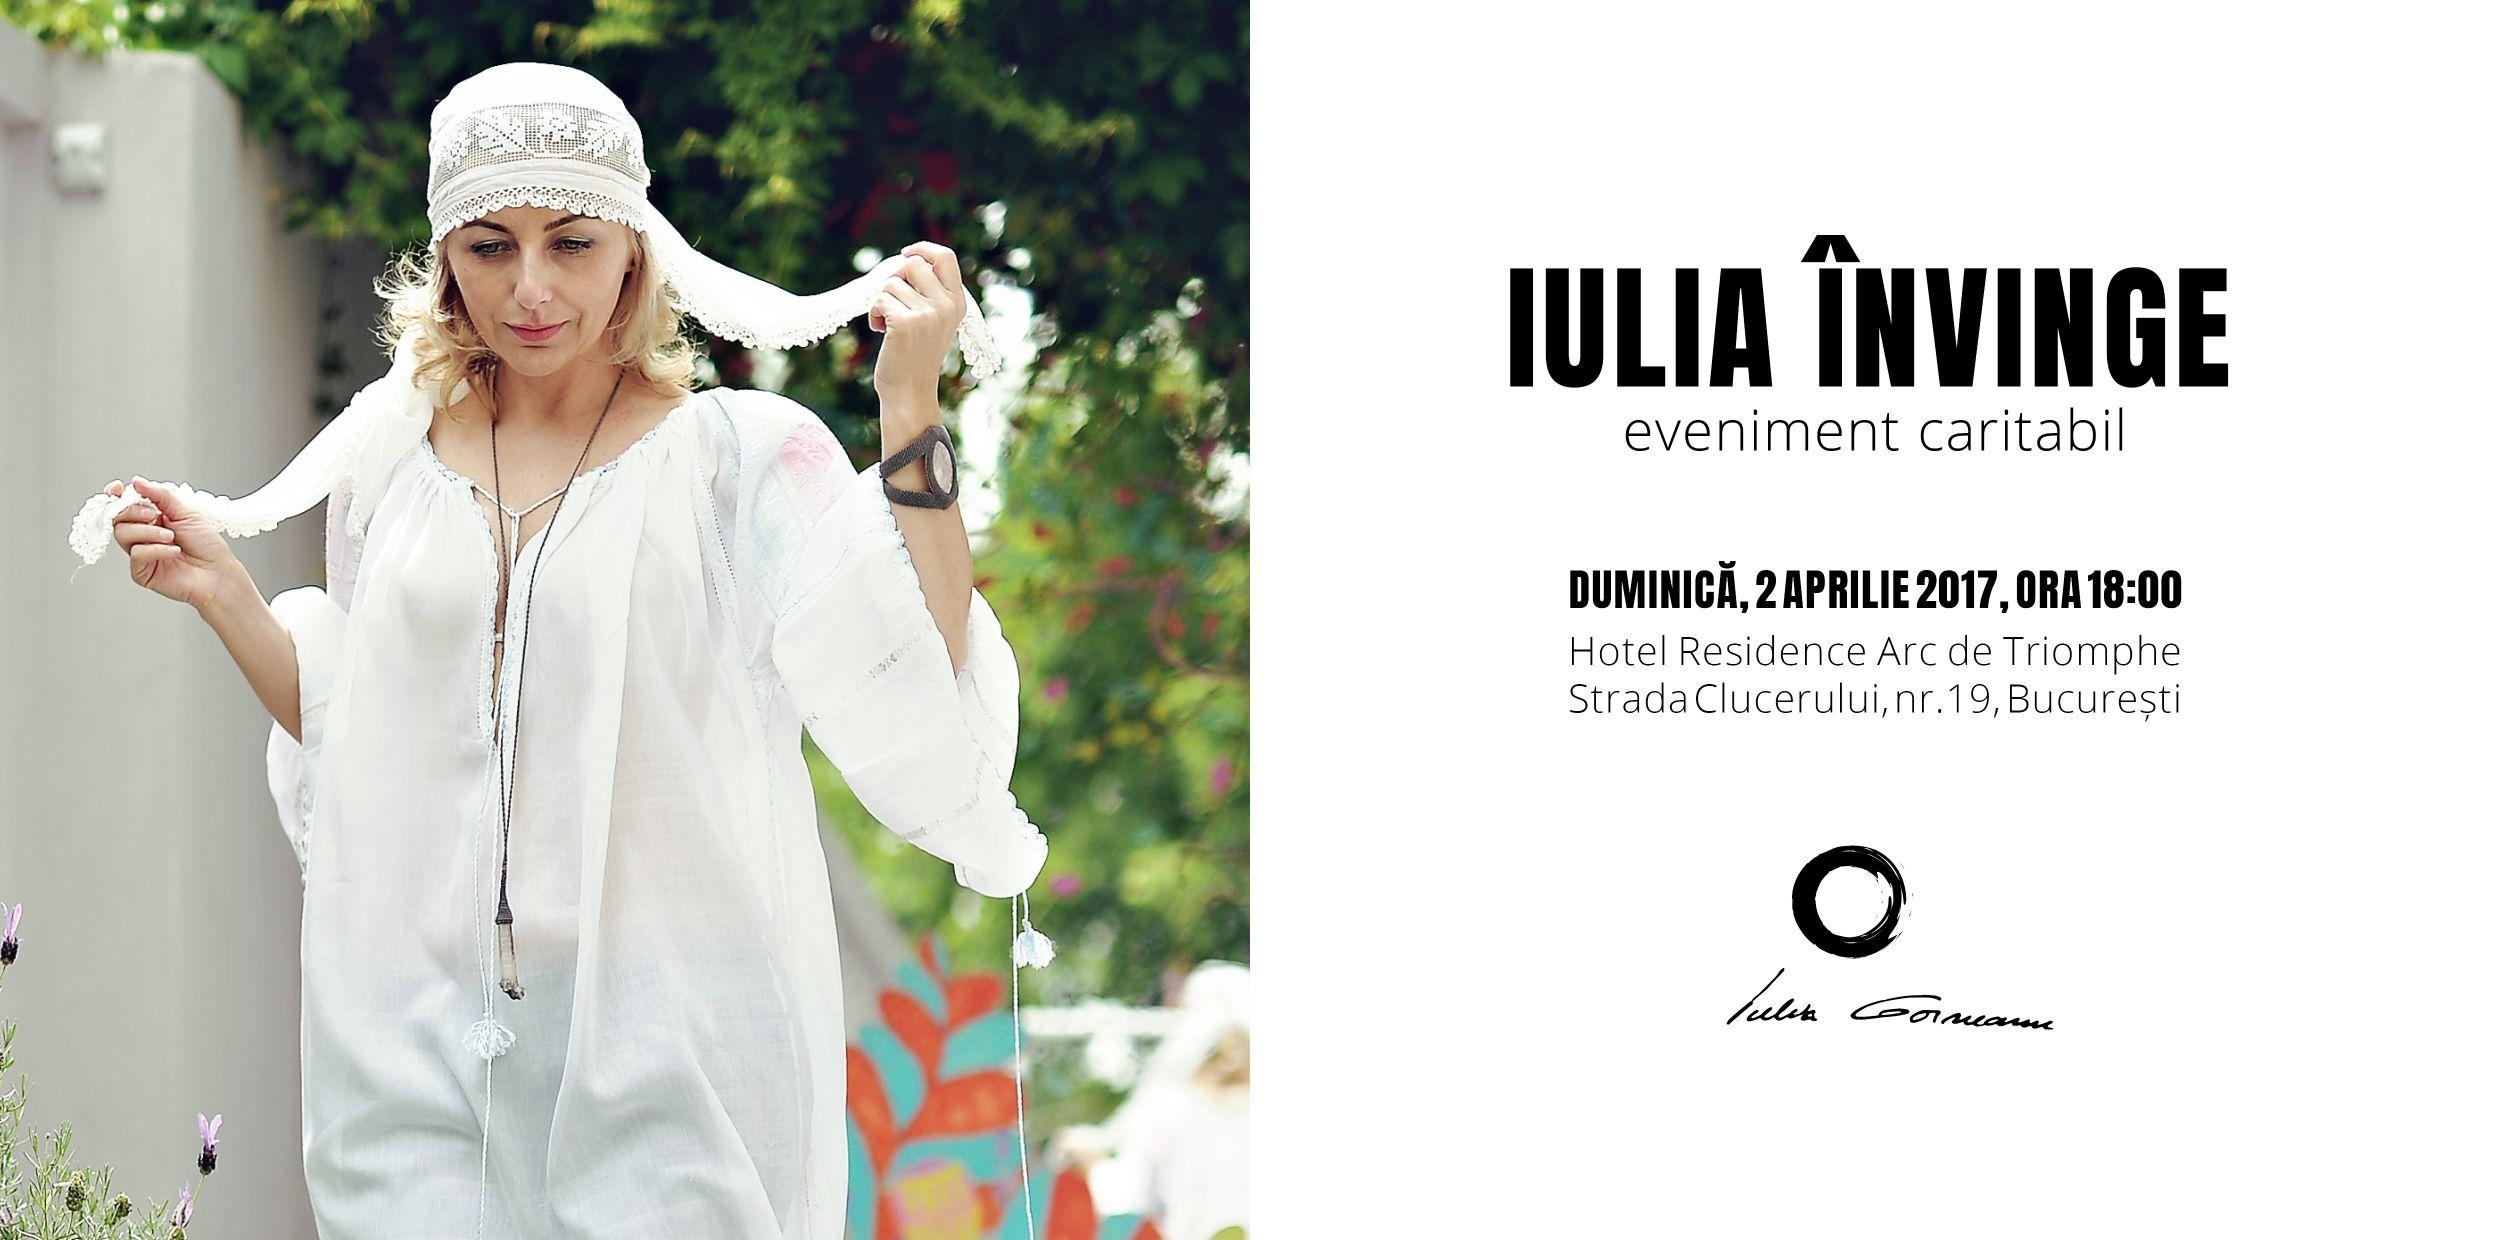 Iulia Invinge